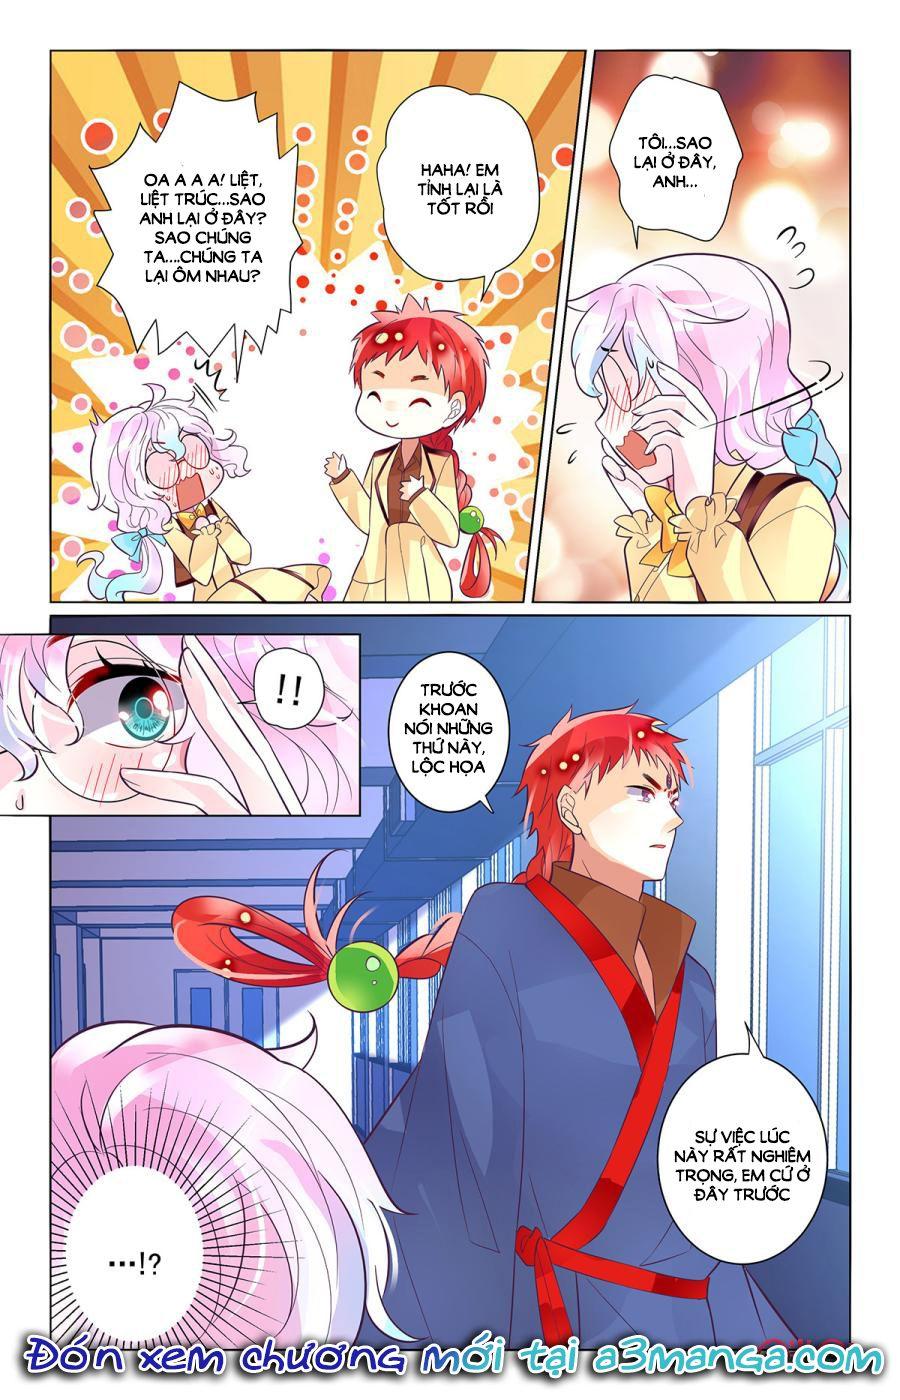 Ca Ca Gần Đây Có Chút Gay chap 98 - Trang 10